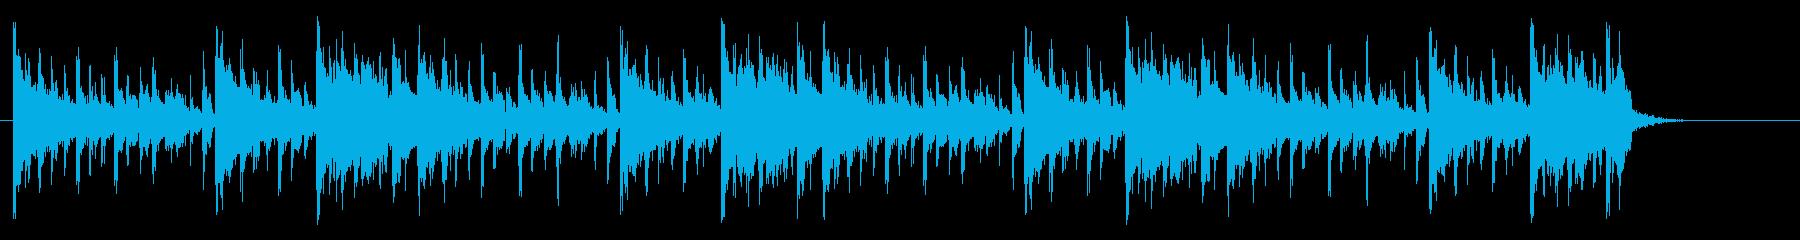 バトルシーン/太鼓BGM/ゲーム動画3の再生済みの波形